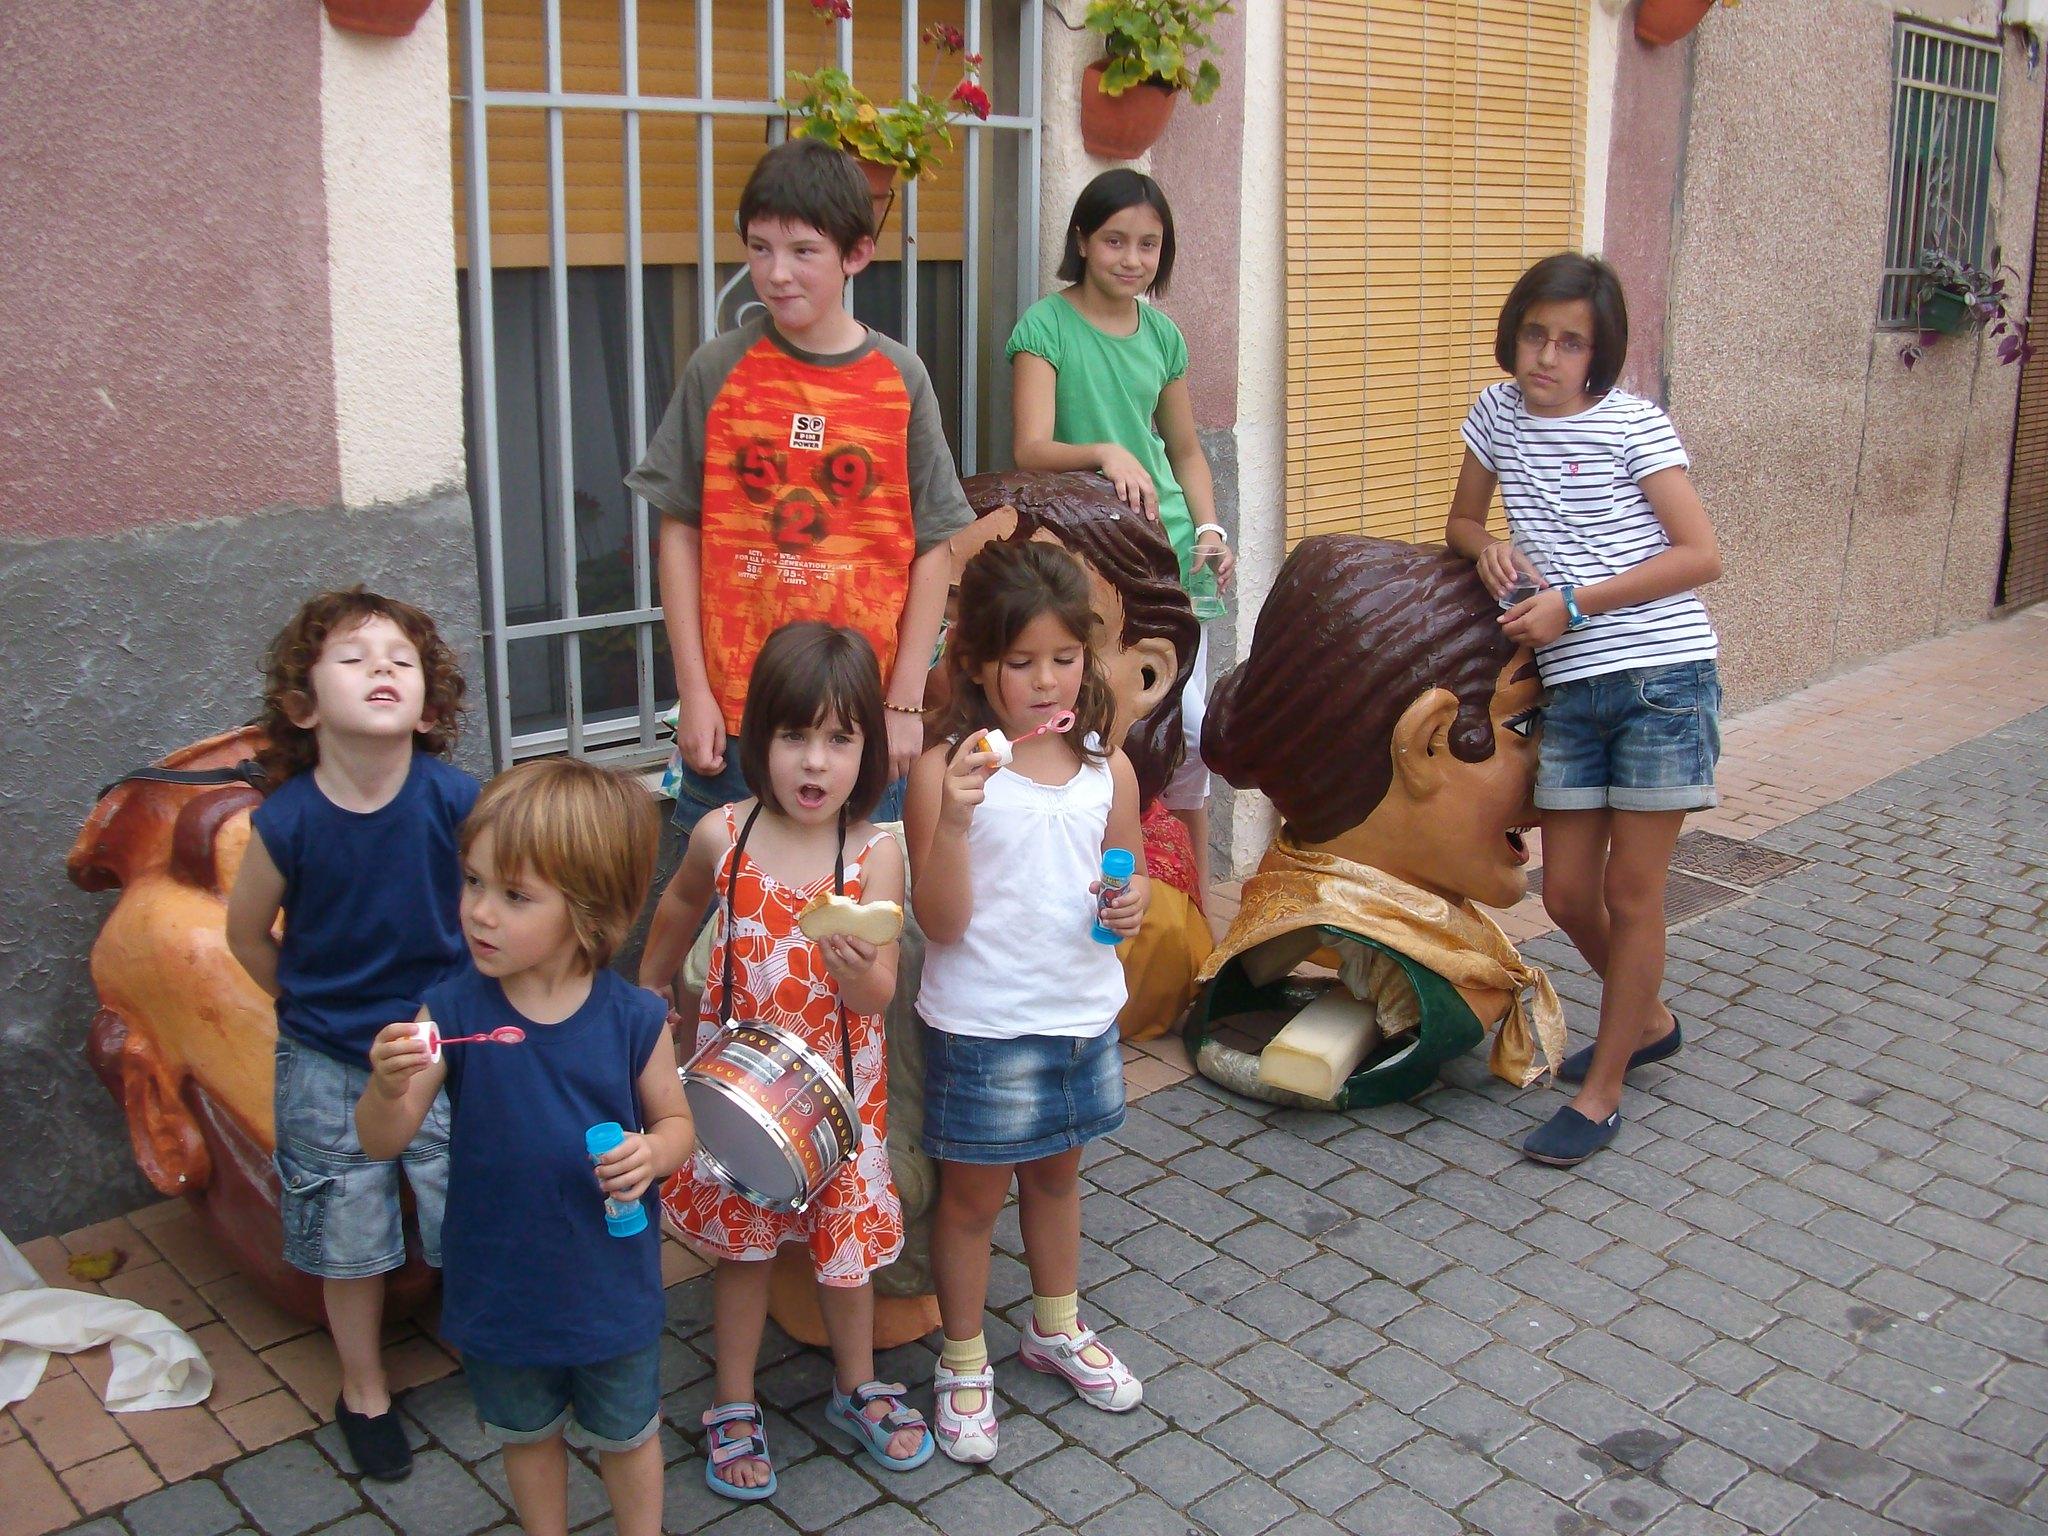 (2010-07-04) - Pasacalle Gent de Nanos - José Vicente Romero Ripoll -  (32)